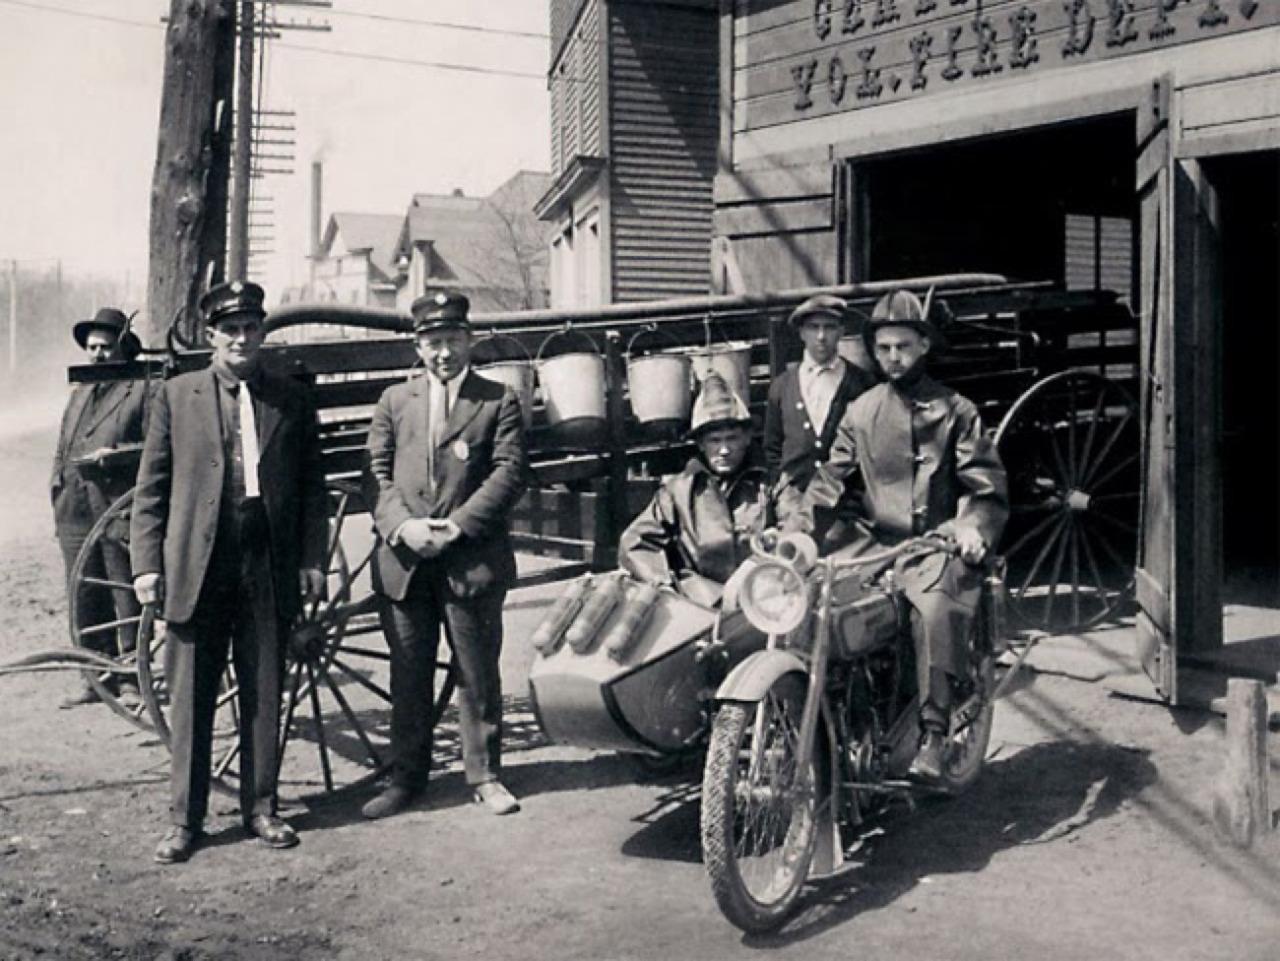 Harley-Davidson en Departamento de Bomberos - sidecar